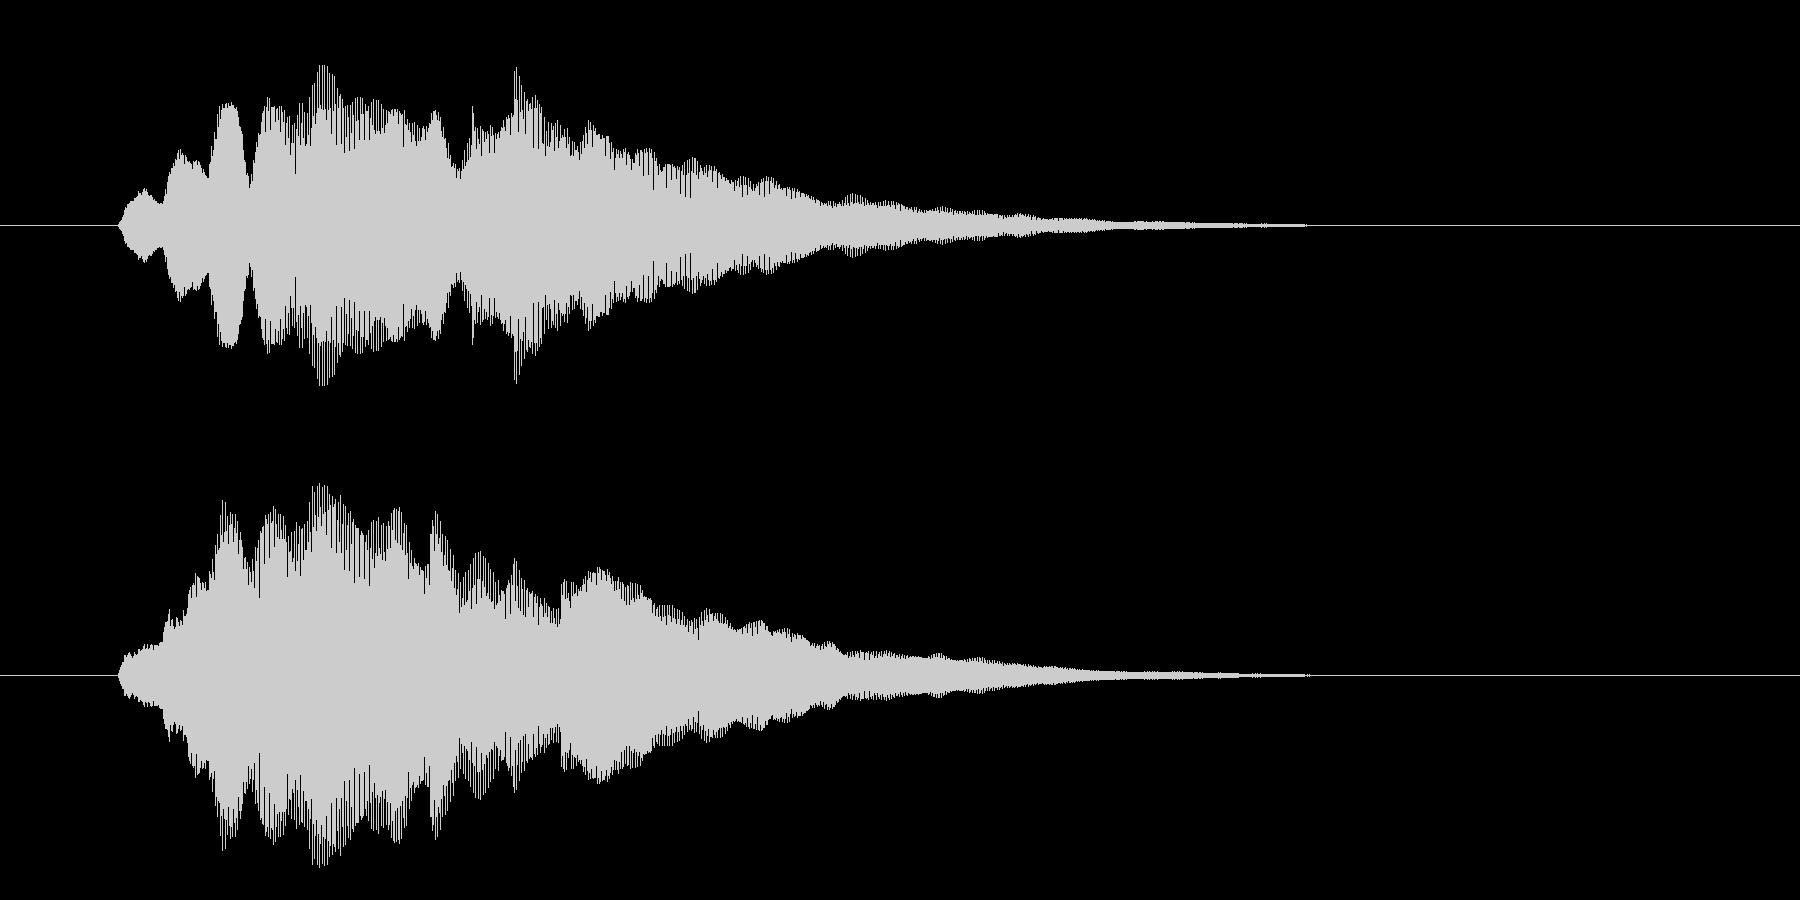 チャララン(フルート風の効果音)の未再生の波形